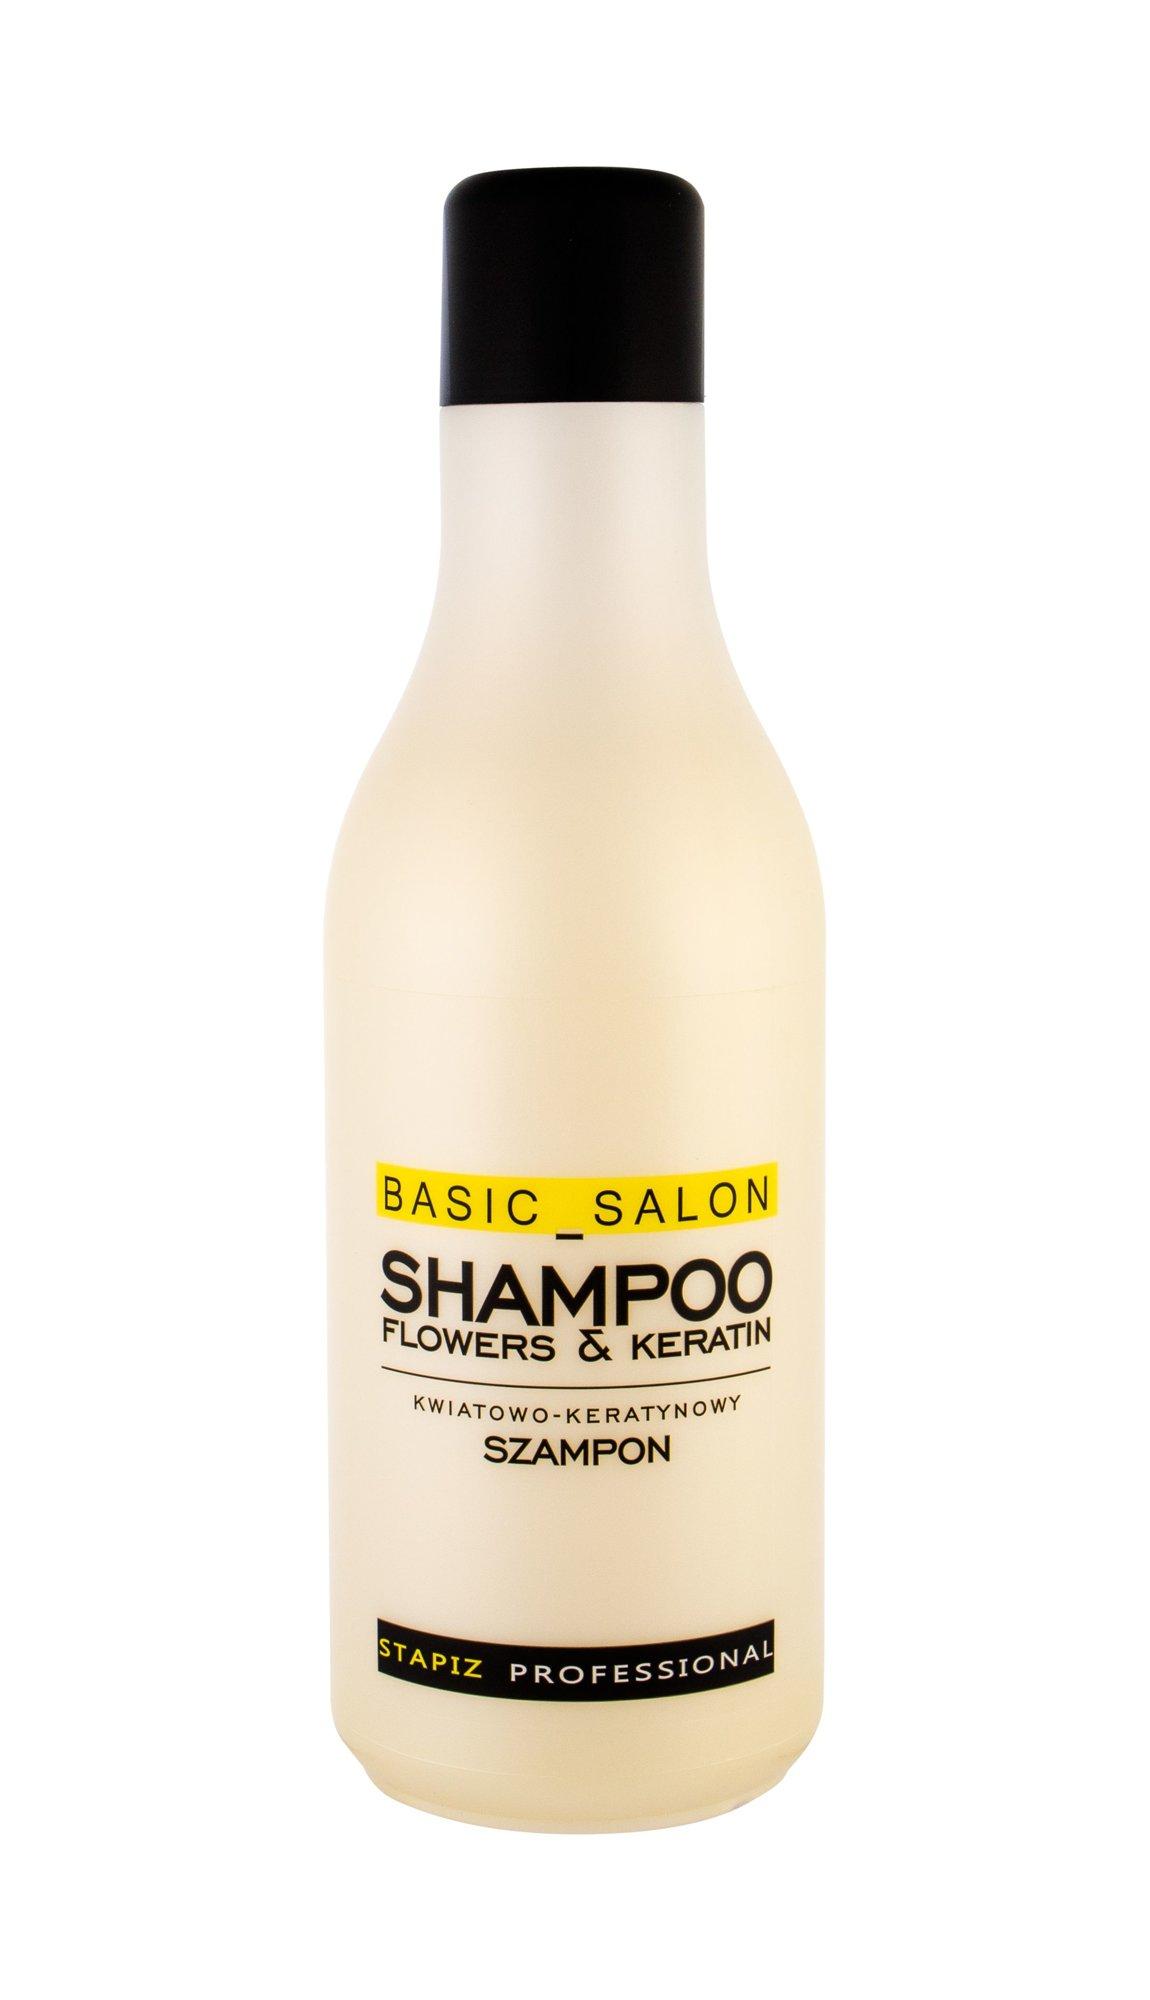 Stapiz Basic Salon Shampoo 1000ml